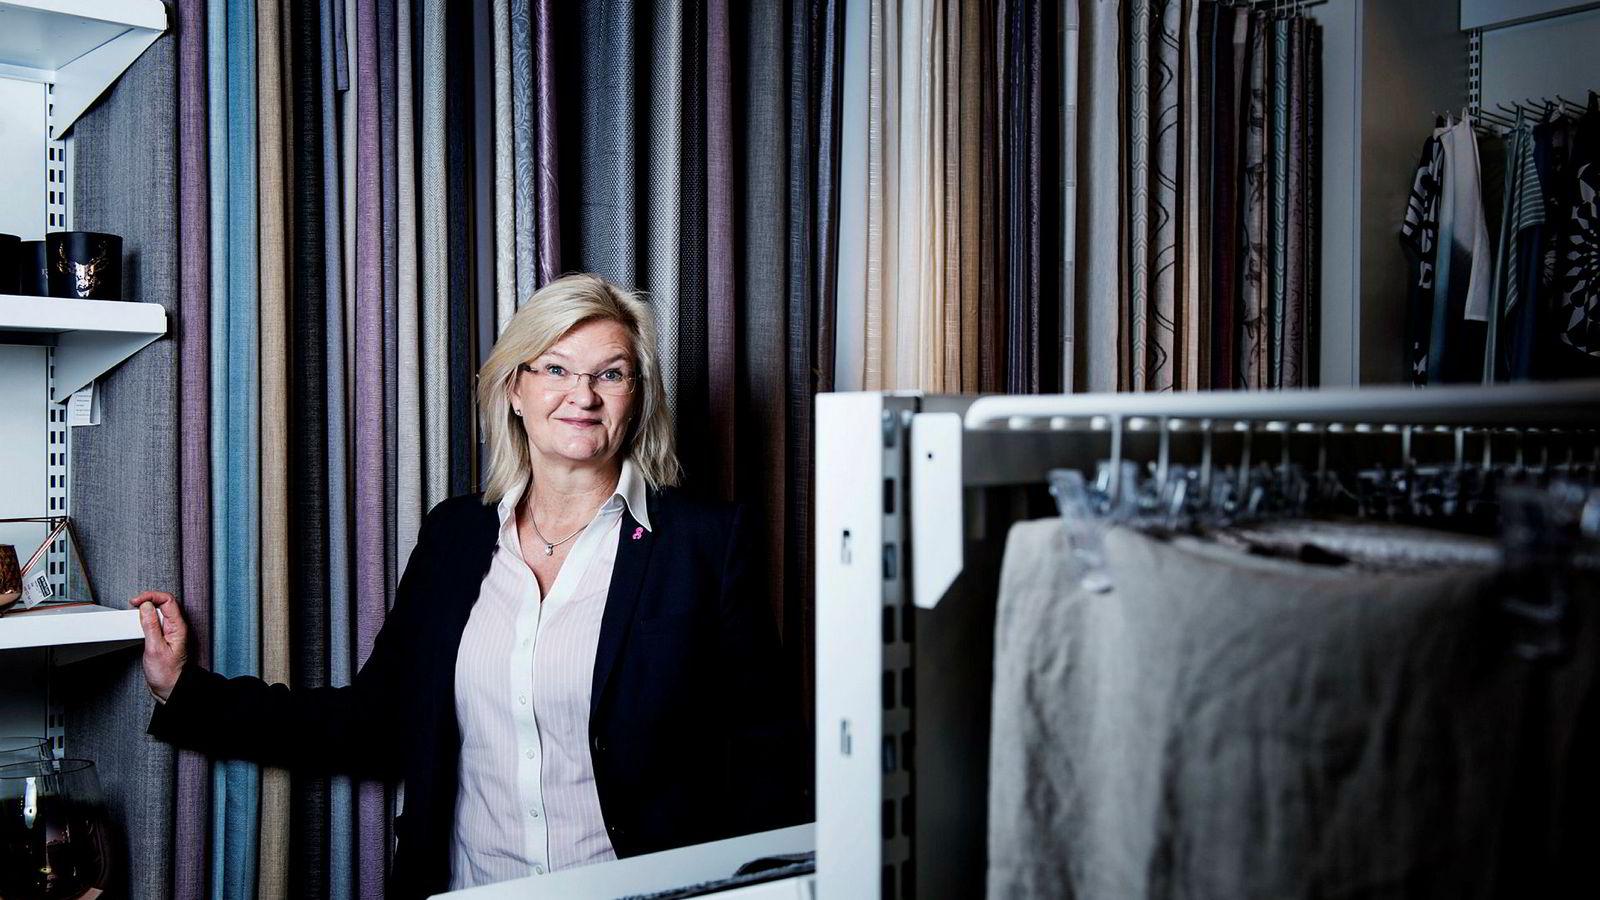 Kjersti Hobøl er blitt bankenes redningskvinne. Etter å ha gjennomført en snuoperasjon i Kid og tatt selskapet på børs, har hun nå gått løs på en ny redningsoperasjon i Nille.